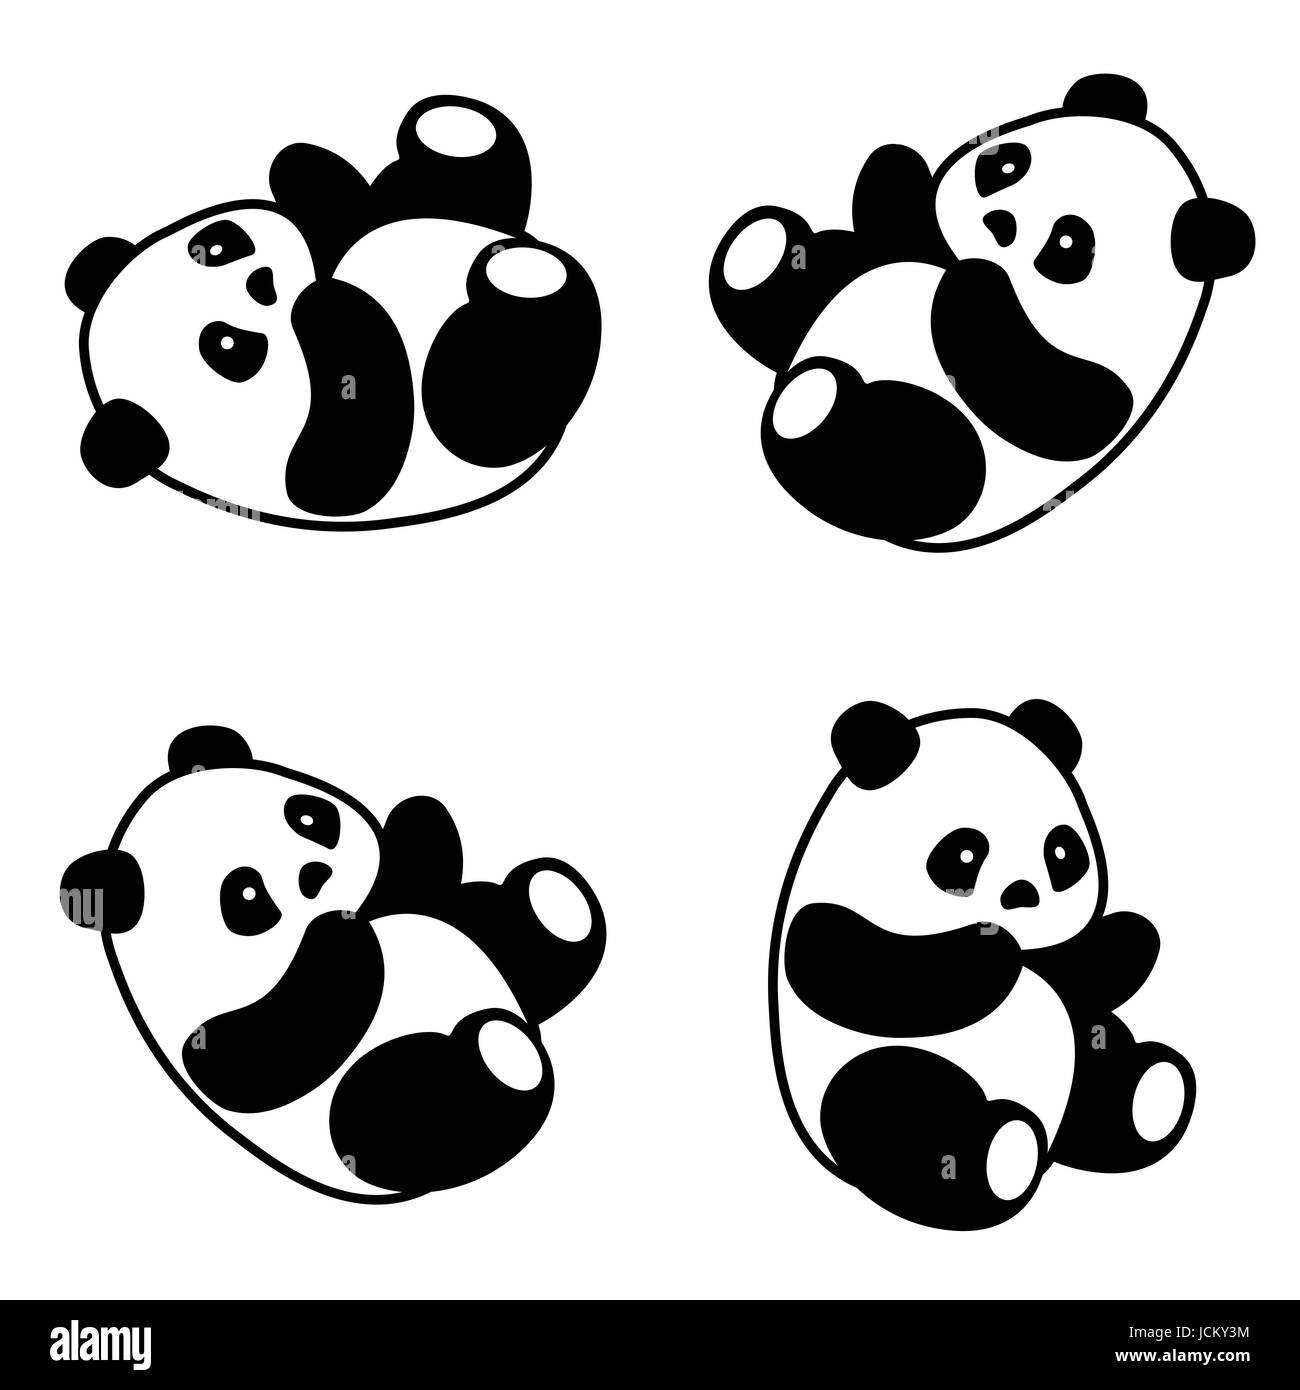 Ilustración Vectorial Cute Dibujos Animados Oso Panda Asiática